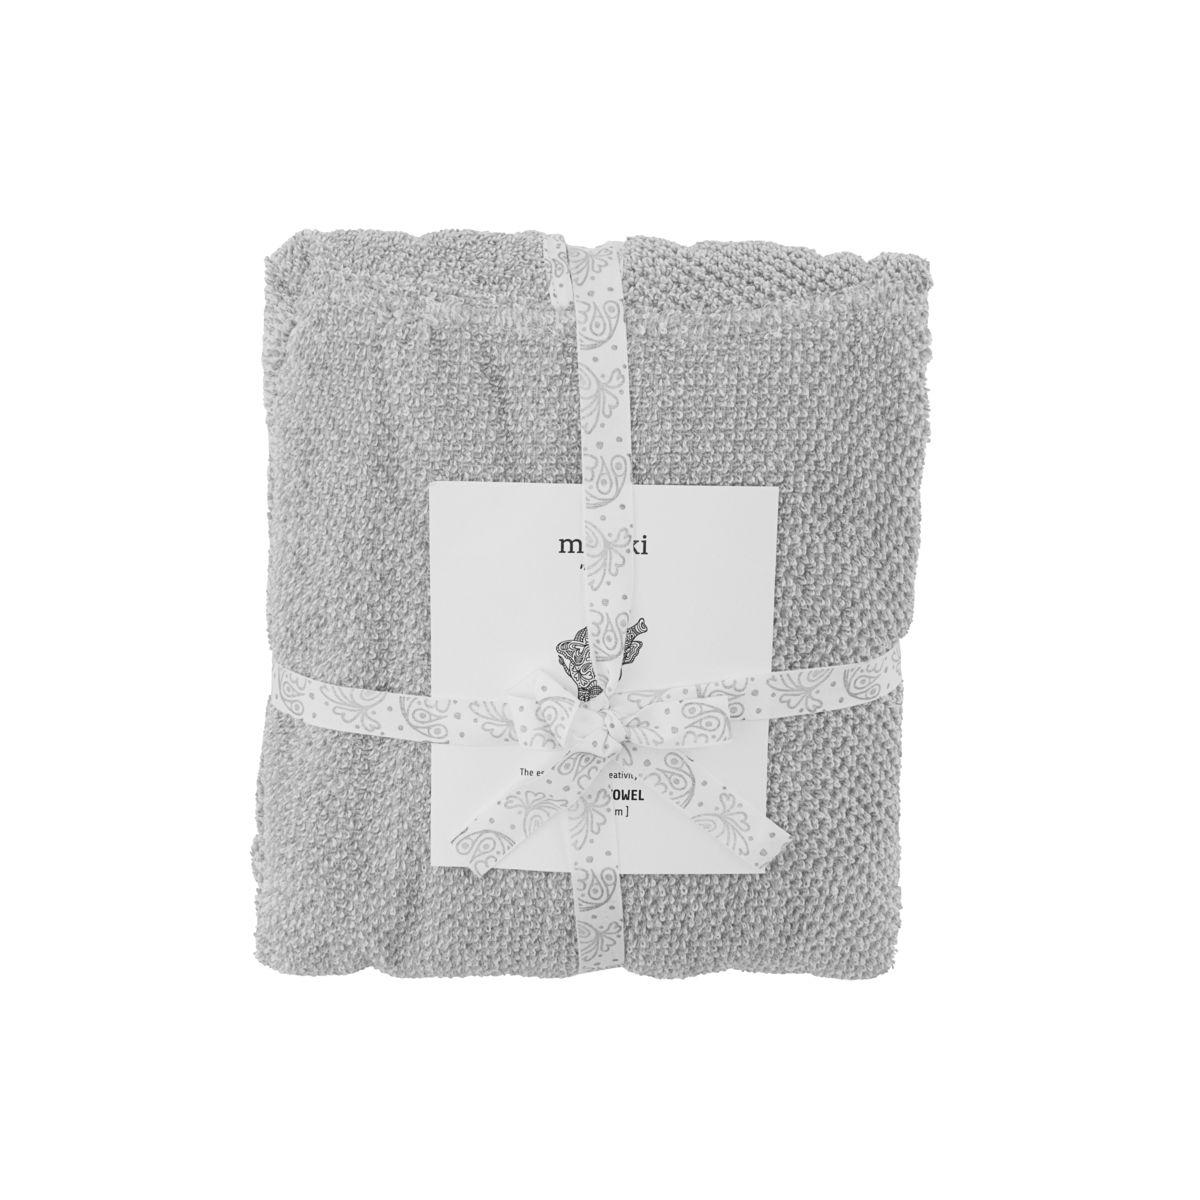 Poncho håndklæde, Meraki mini, Grå, 100% økologisk bomuld, l: 60 cm, b: 60 cm